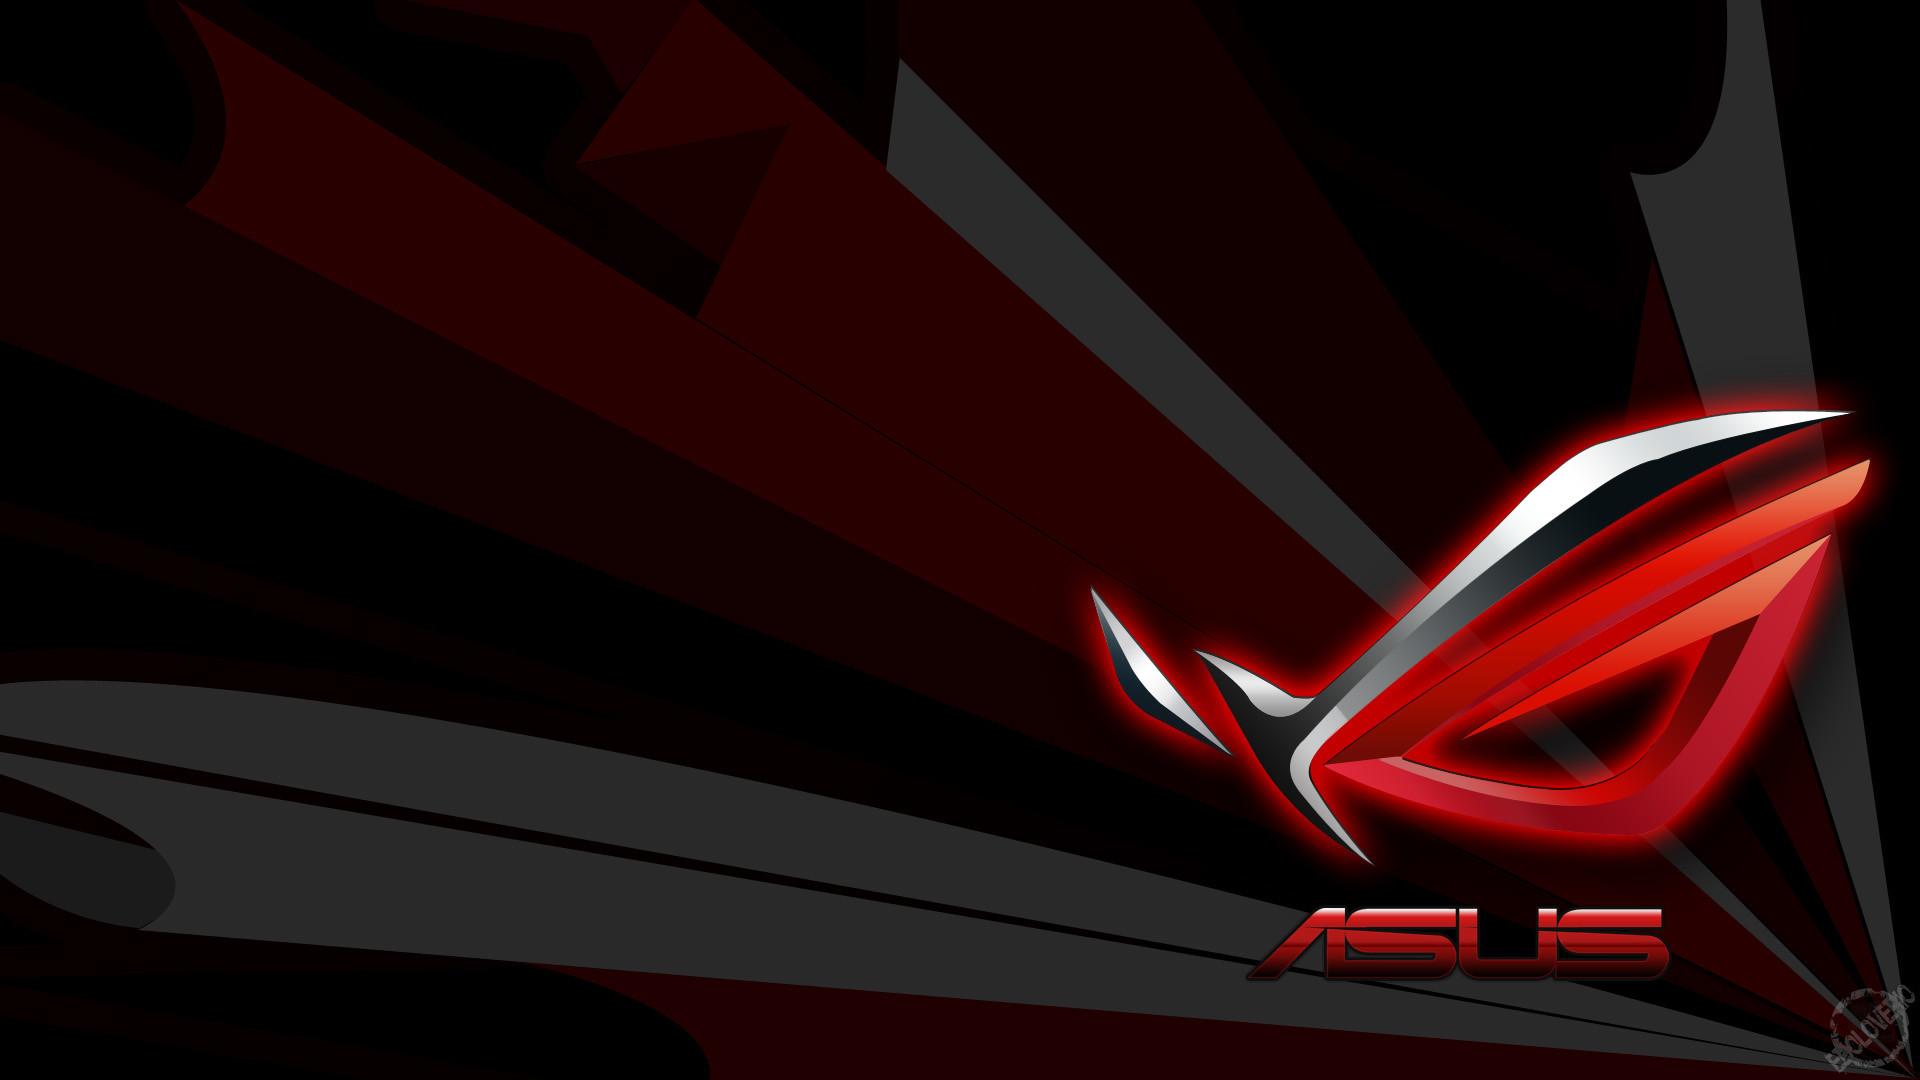 Asus HD Full HD Wallpaper